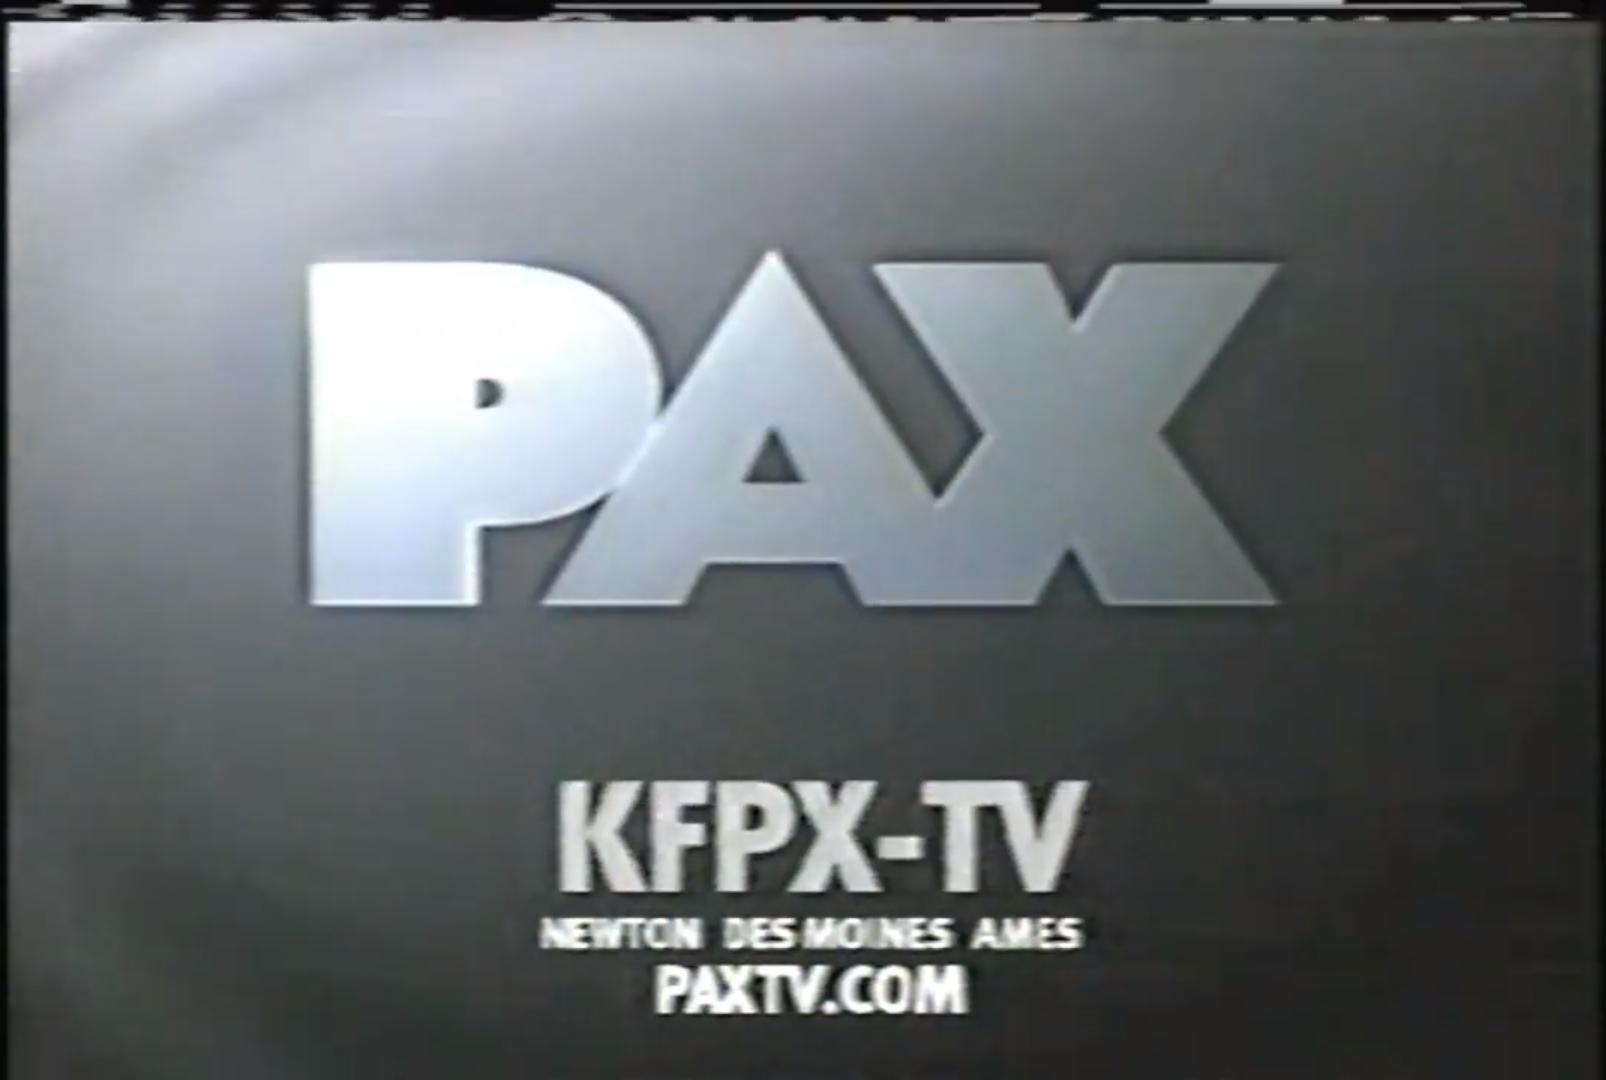 KFPX-TV